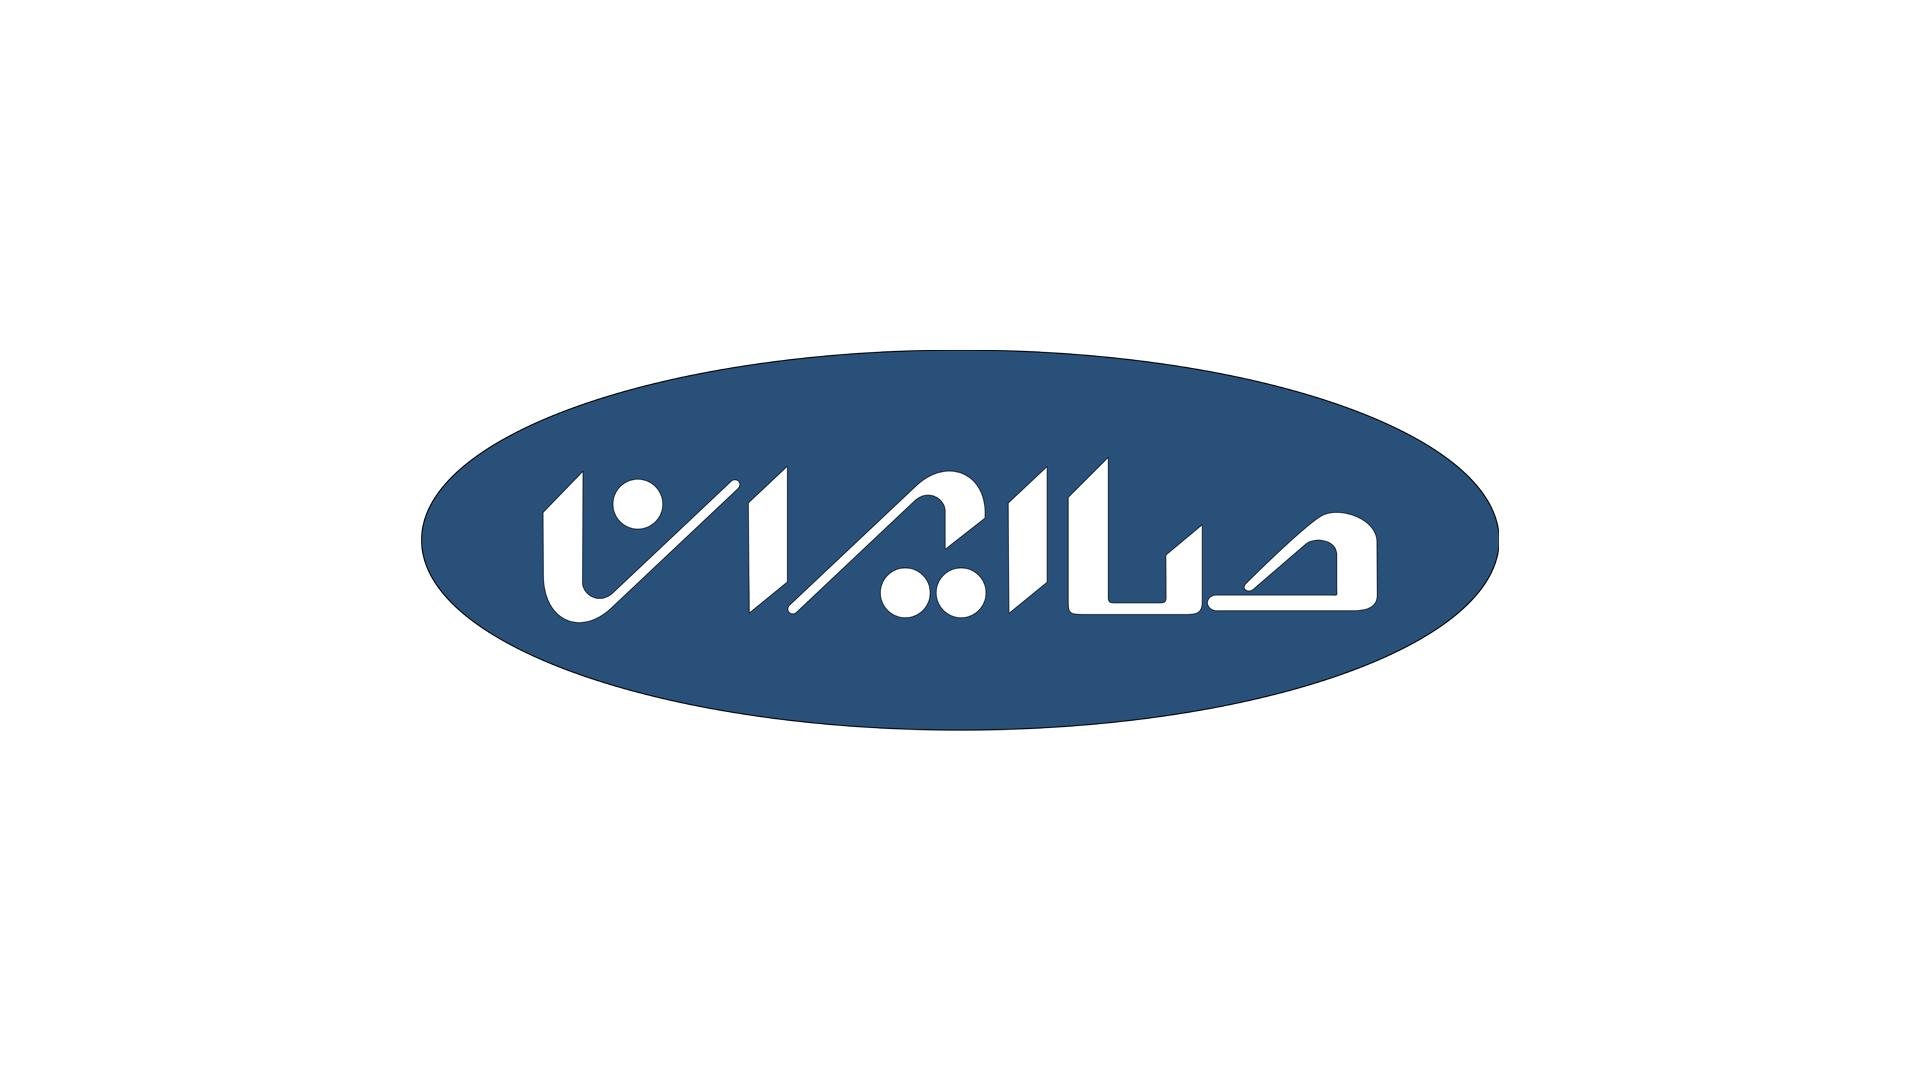 شرکت صنایع الکترونیک ایران